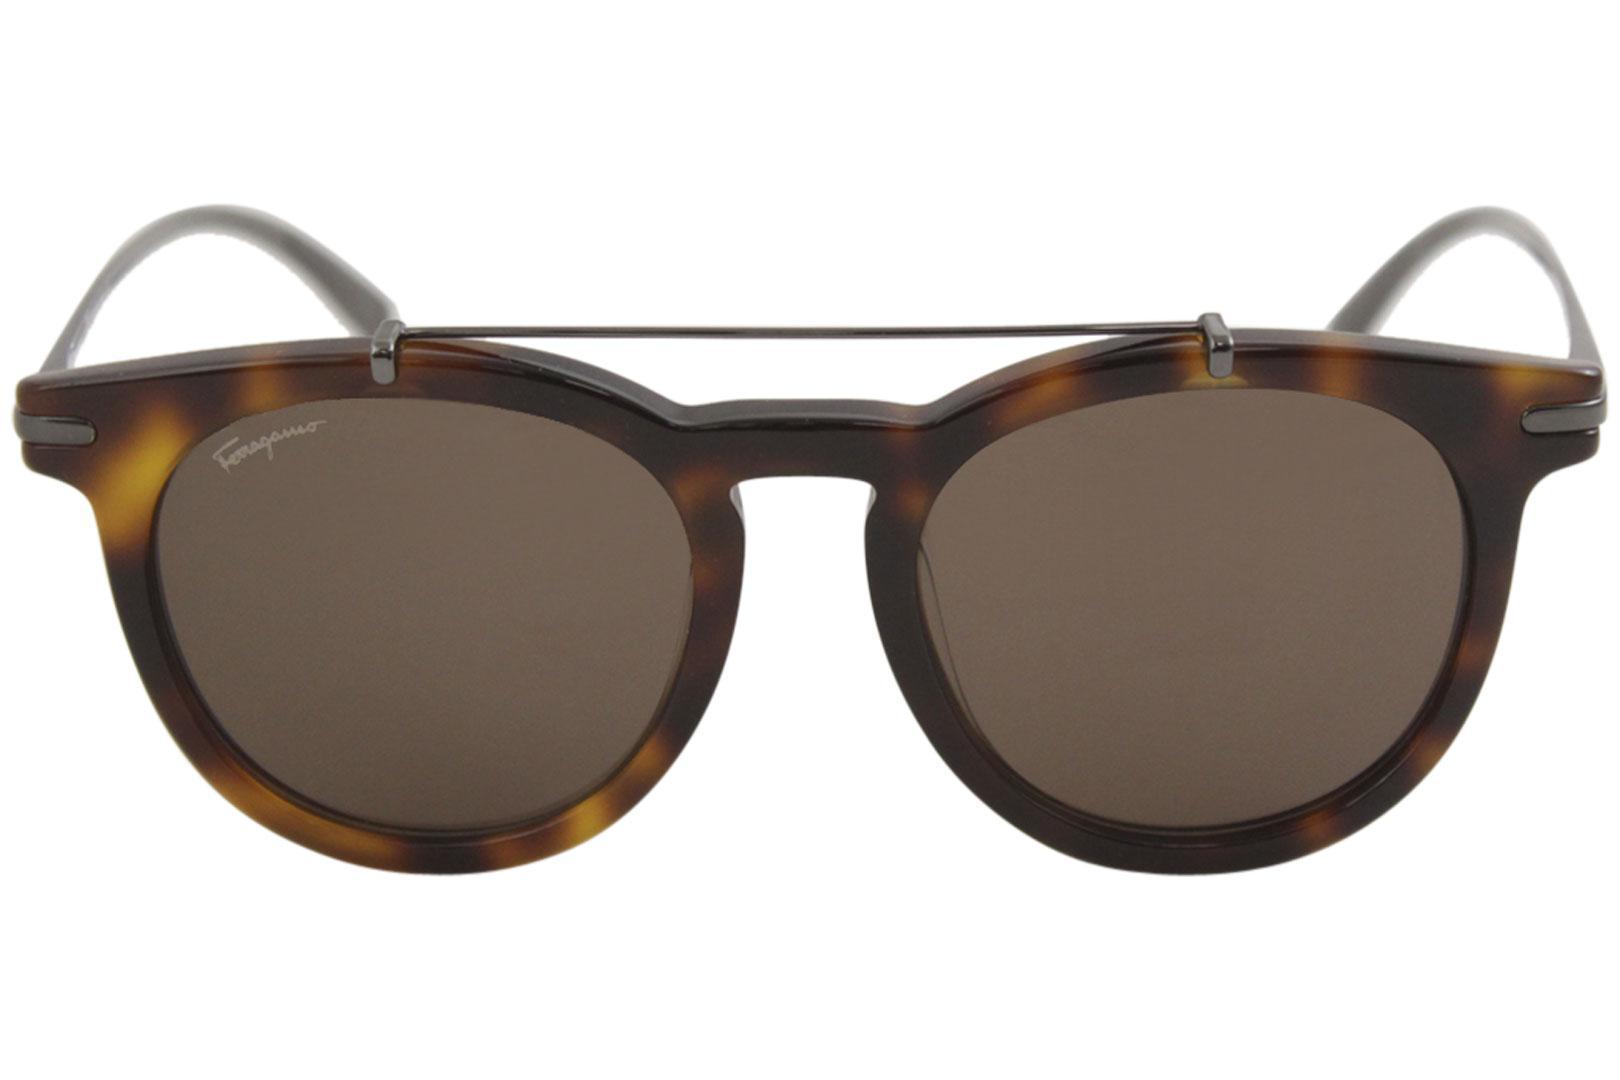 c0a06685770 Salvatore Ferragamo Women s S821S SF 821 S Fashion Round Sunglasses by Salvatore  Ferragamo. 12345